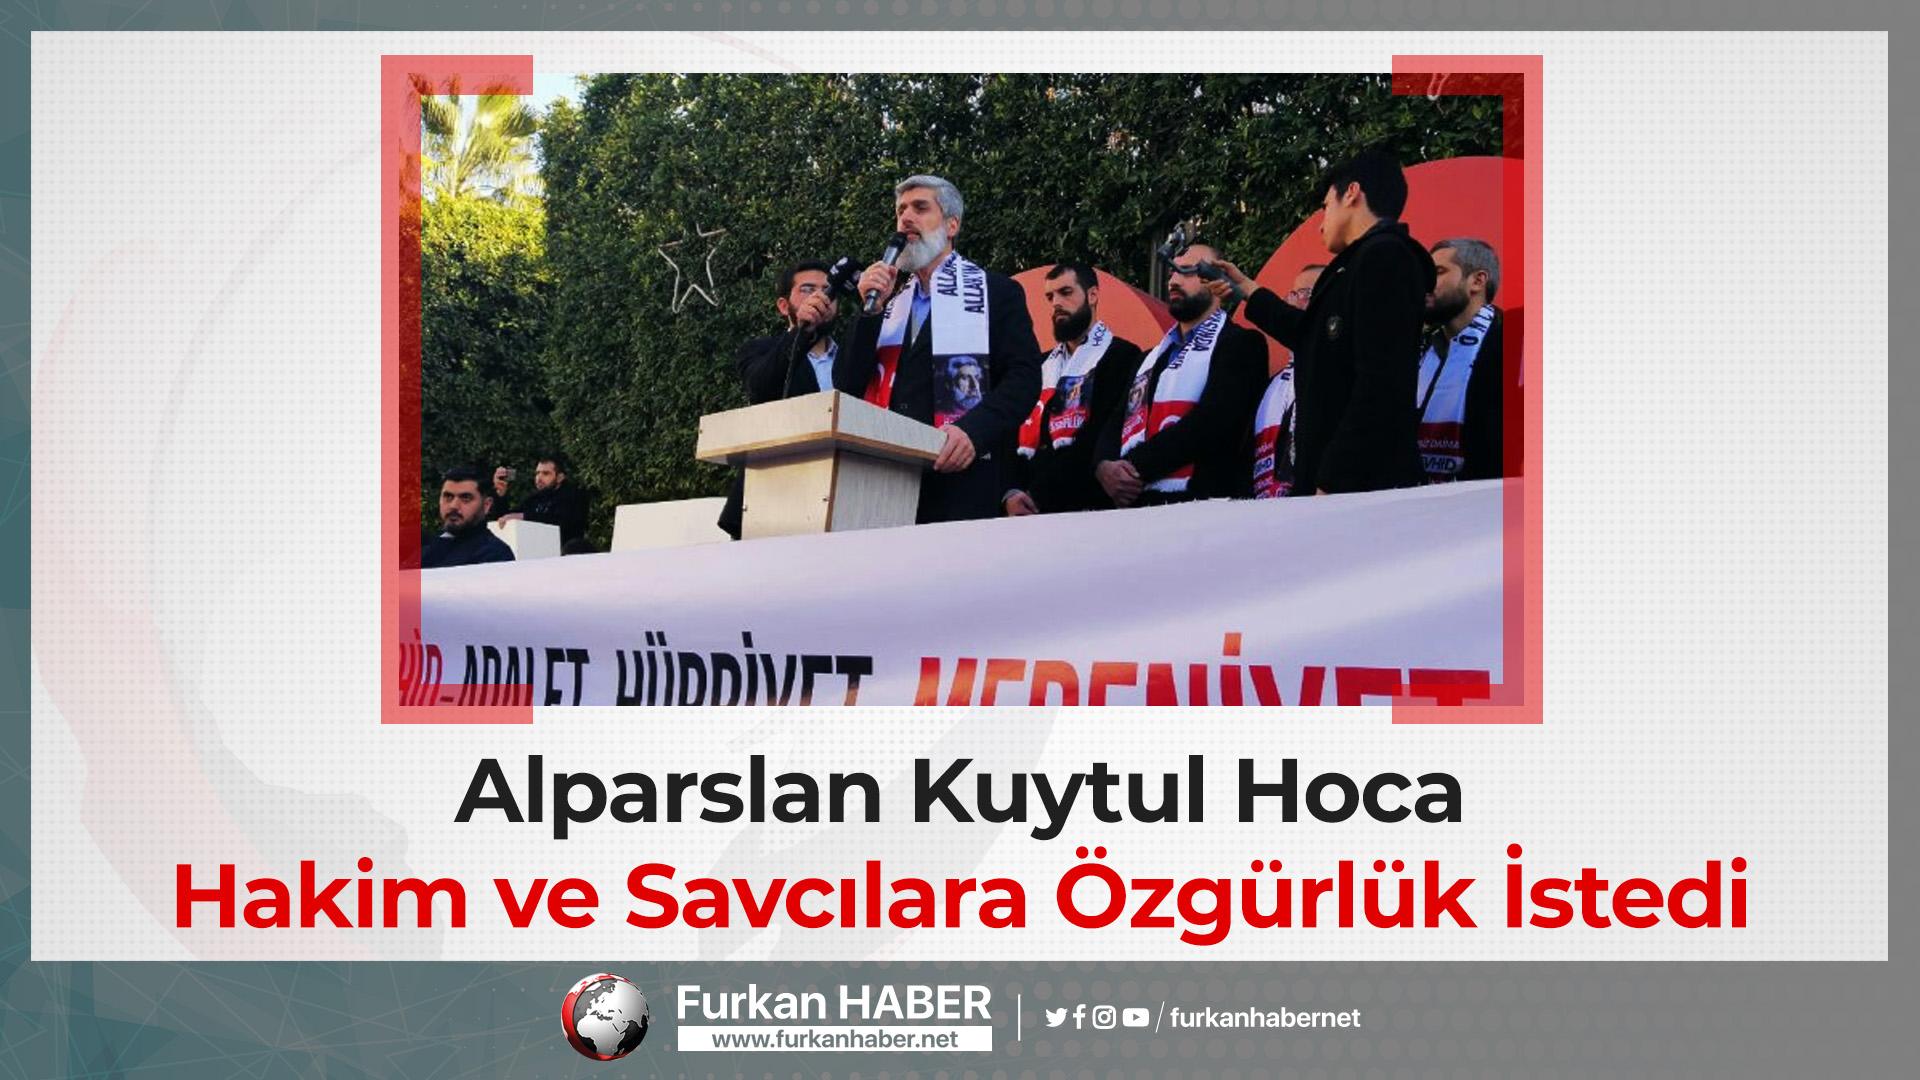 Alparslan Kuytul Hoca Hakim ve Savcılara Özgürlük İstedi